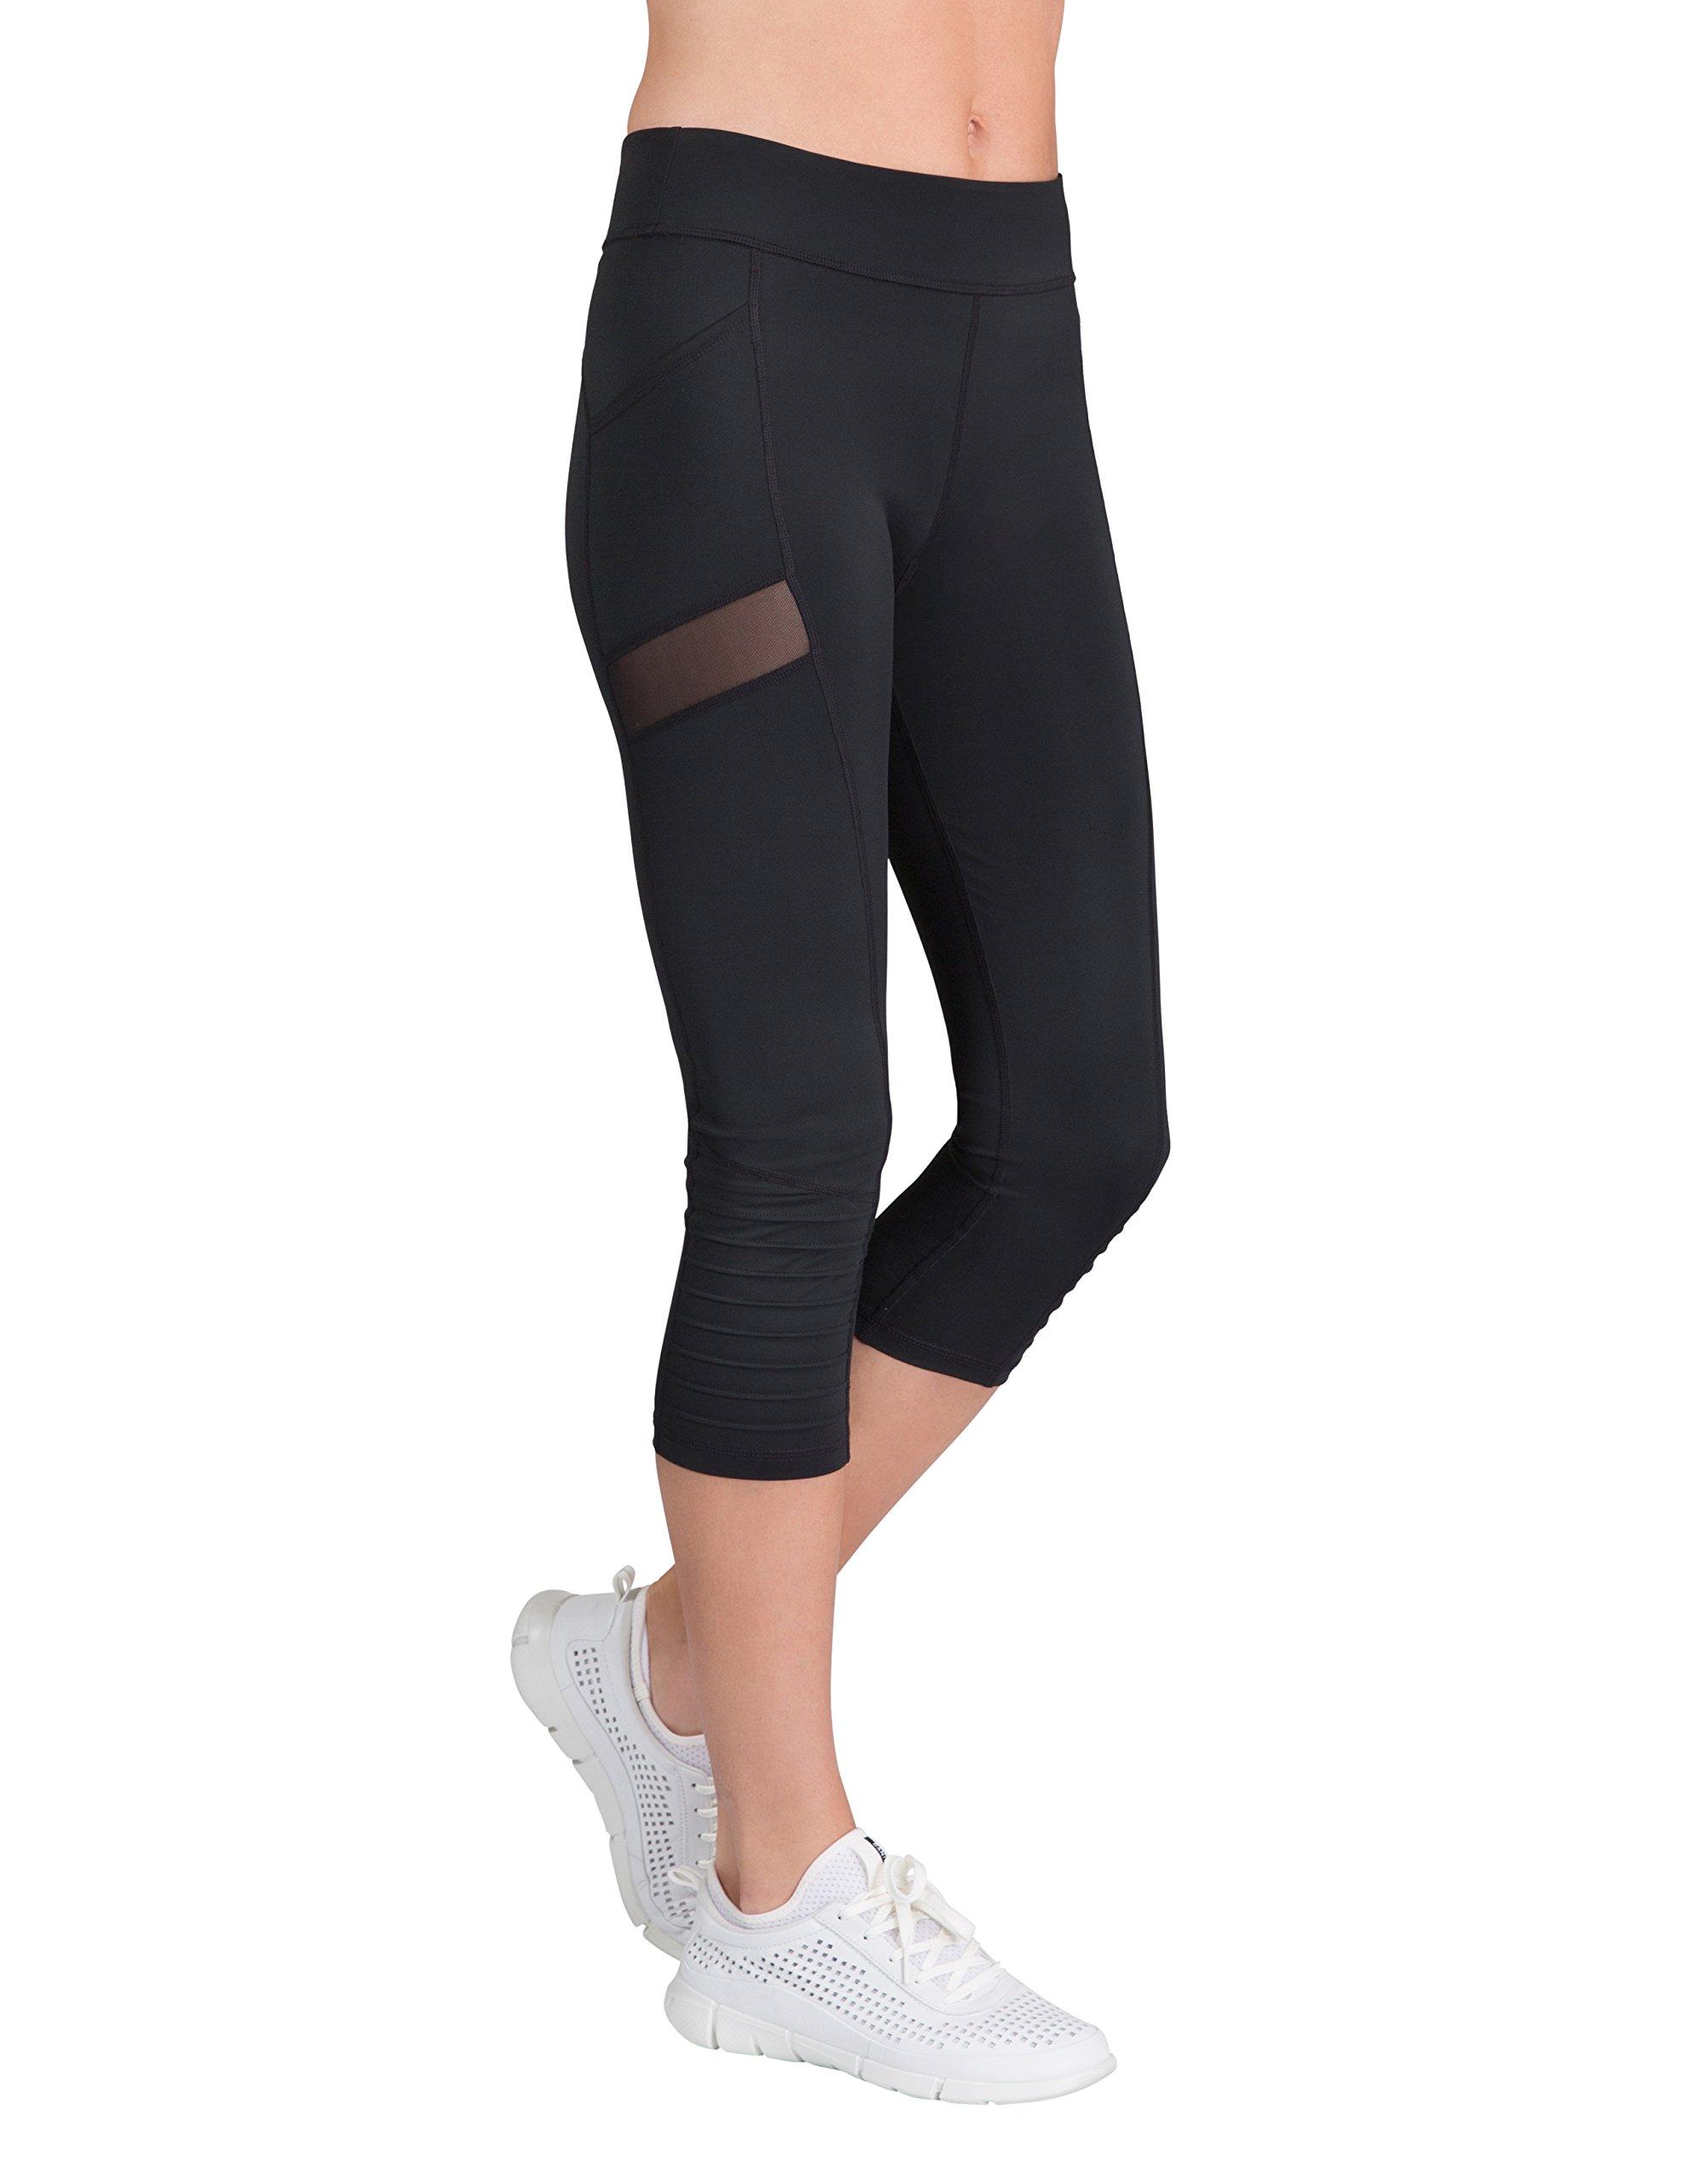 Tail Activewear Women's Sue Capri Leggings Medium Black